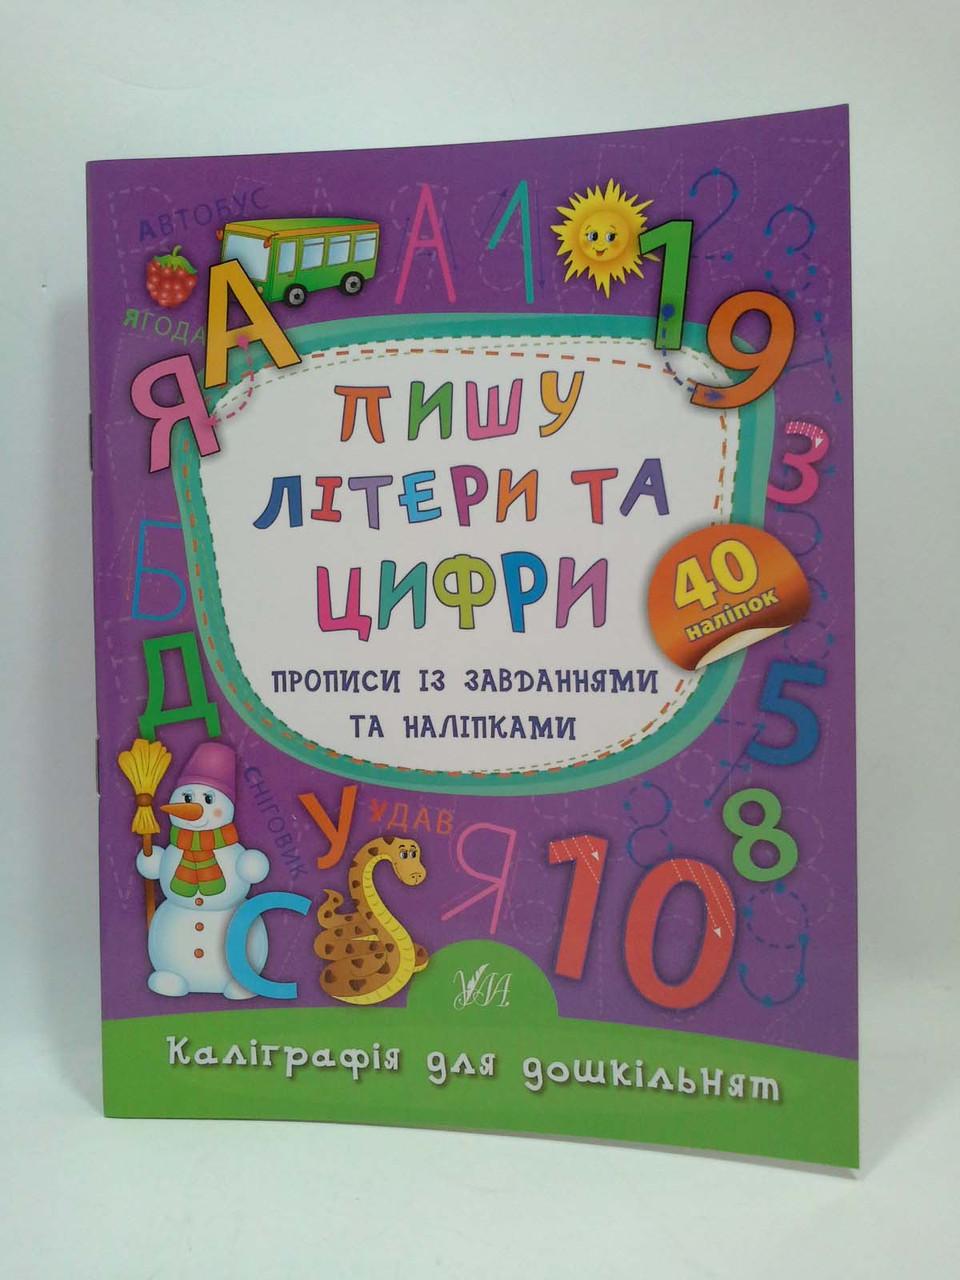 УЛА Каліграфія для дошкільнят Пишу літери та цифри Прописи із завданнями та наліпками